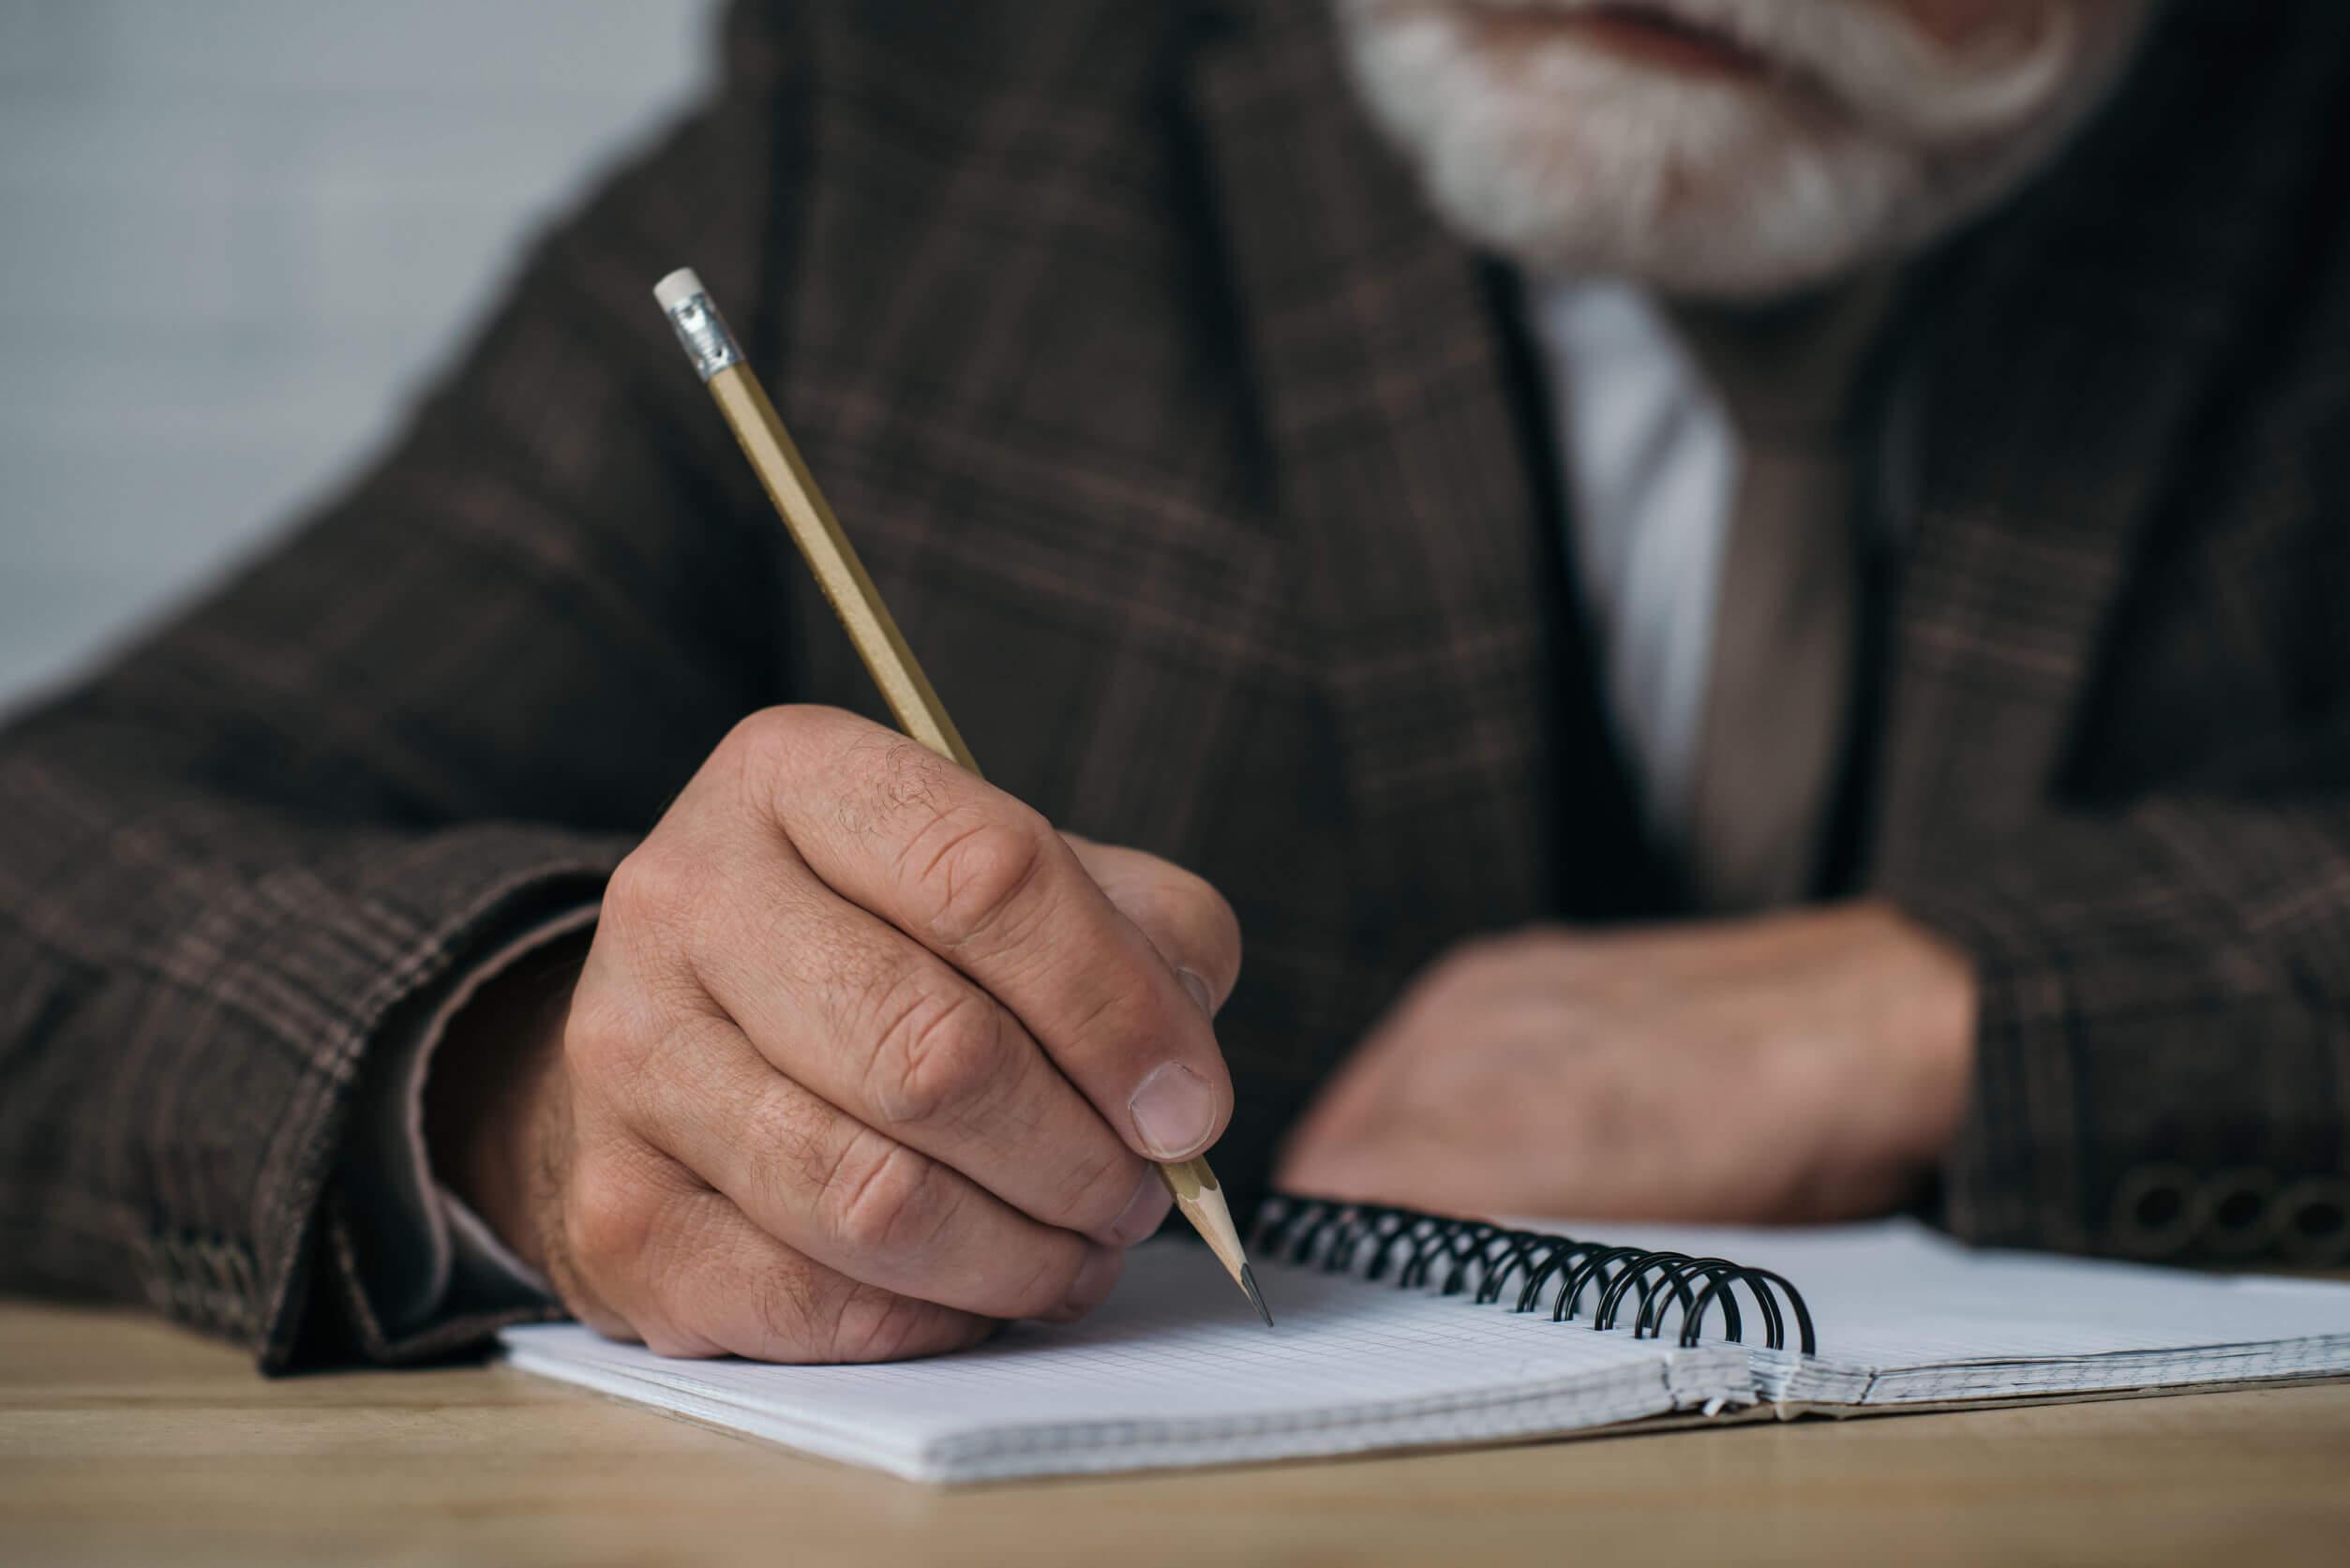 Los síntomas tempranos de demencia afectan a situaciones cotidianas.